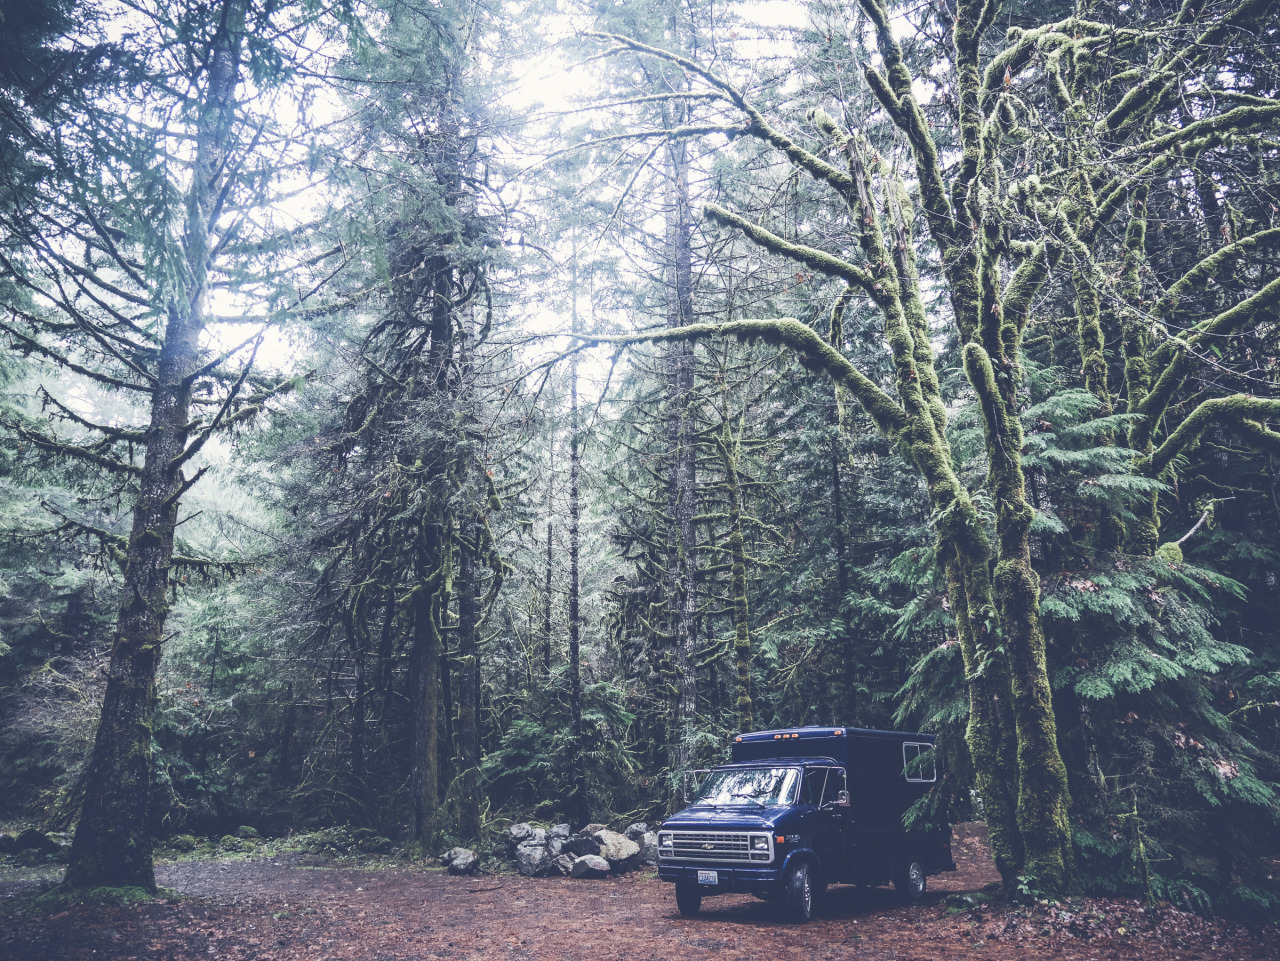 Oregon ©http://marigoldjuly.tumblr.com/